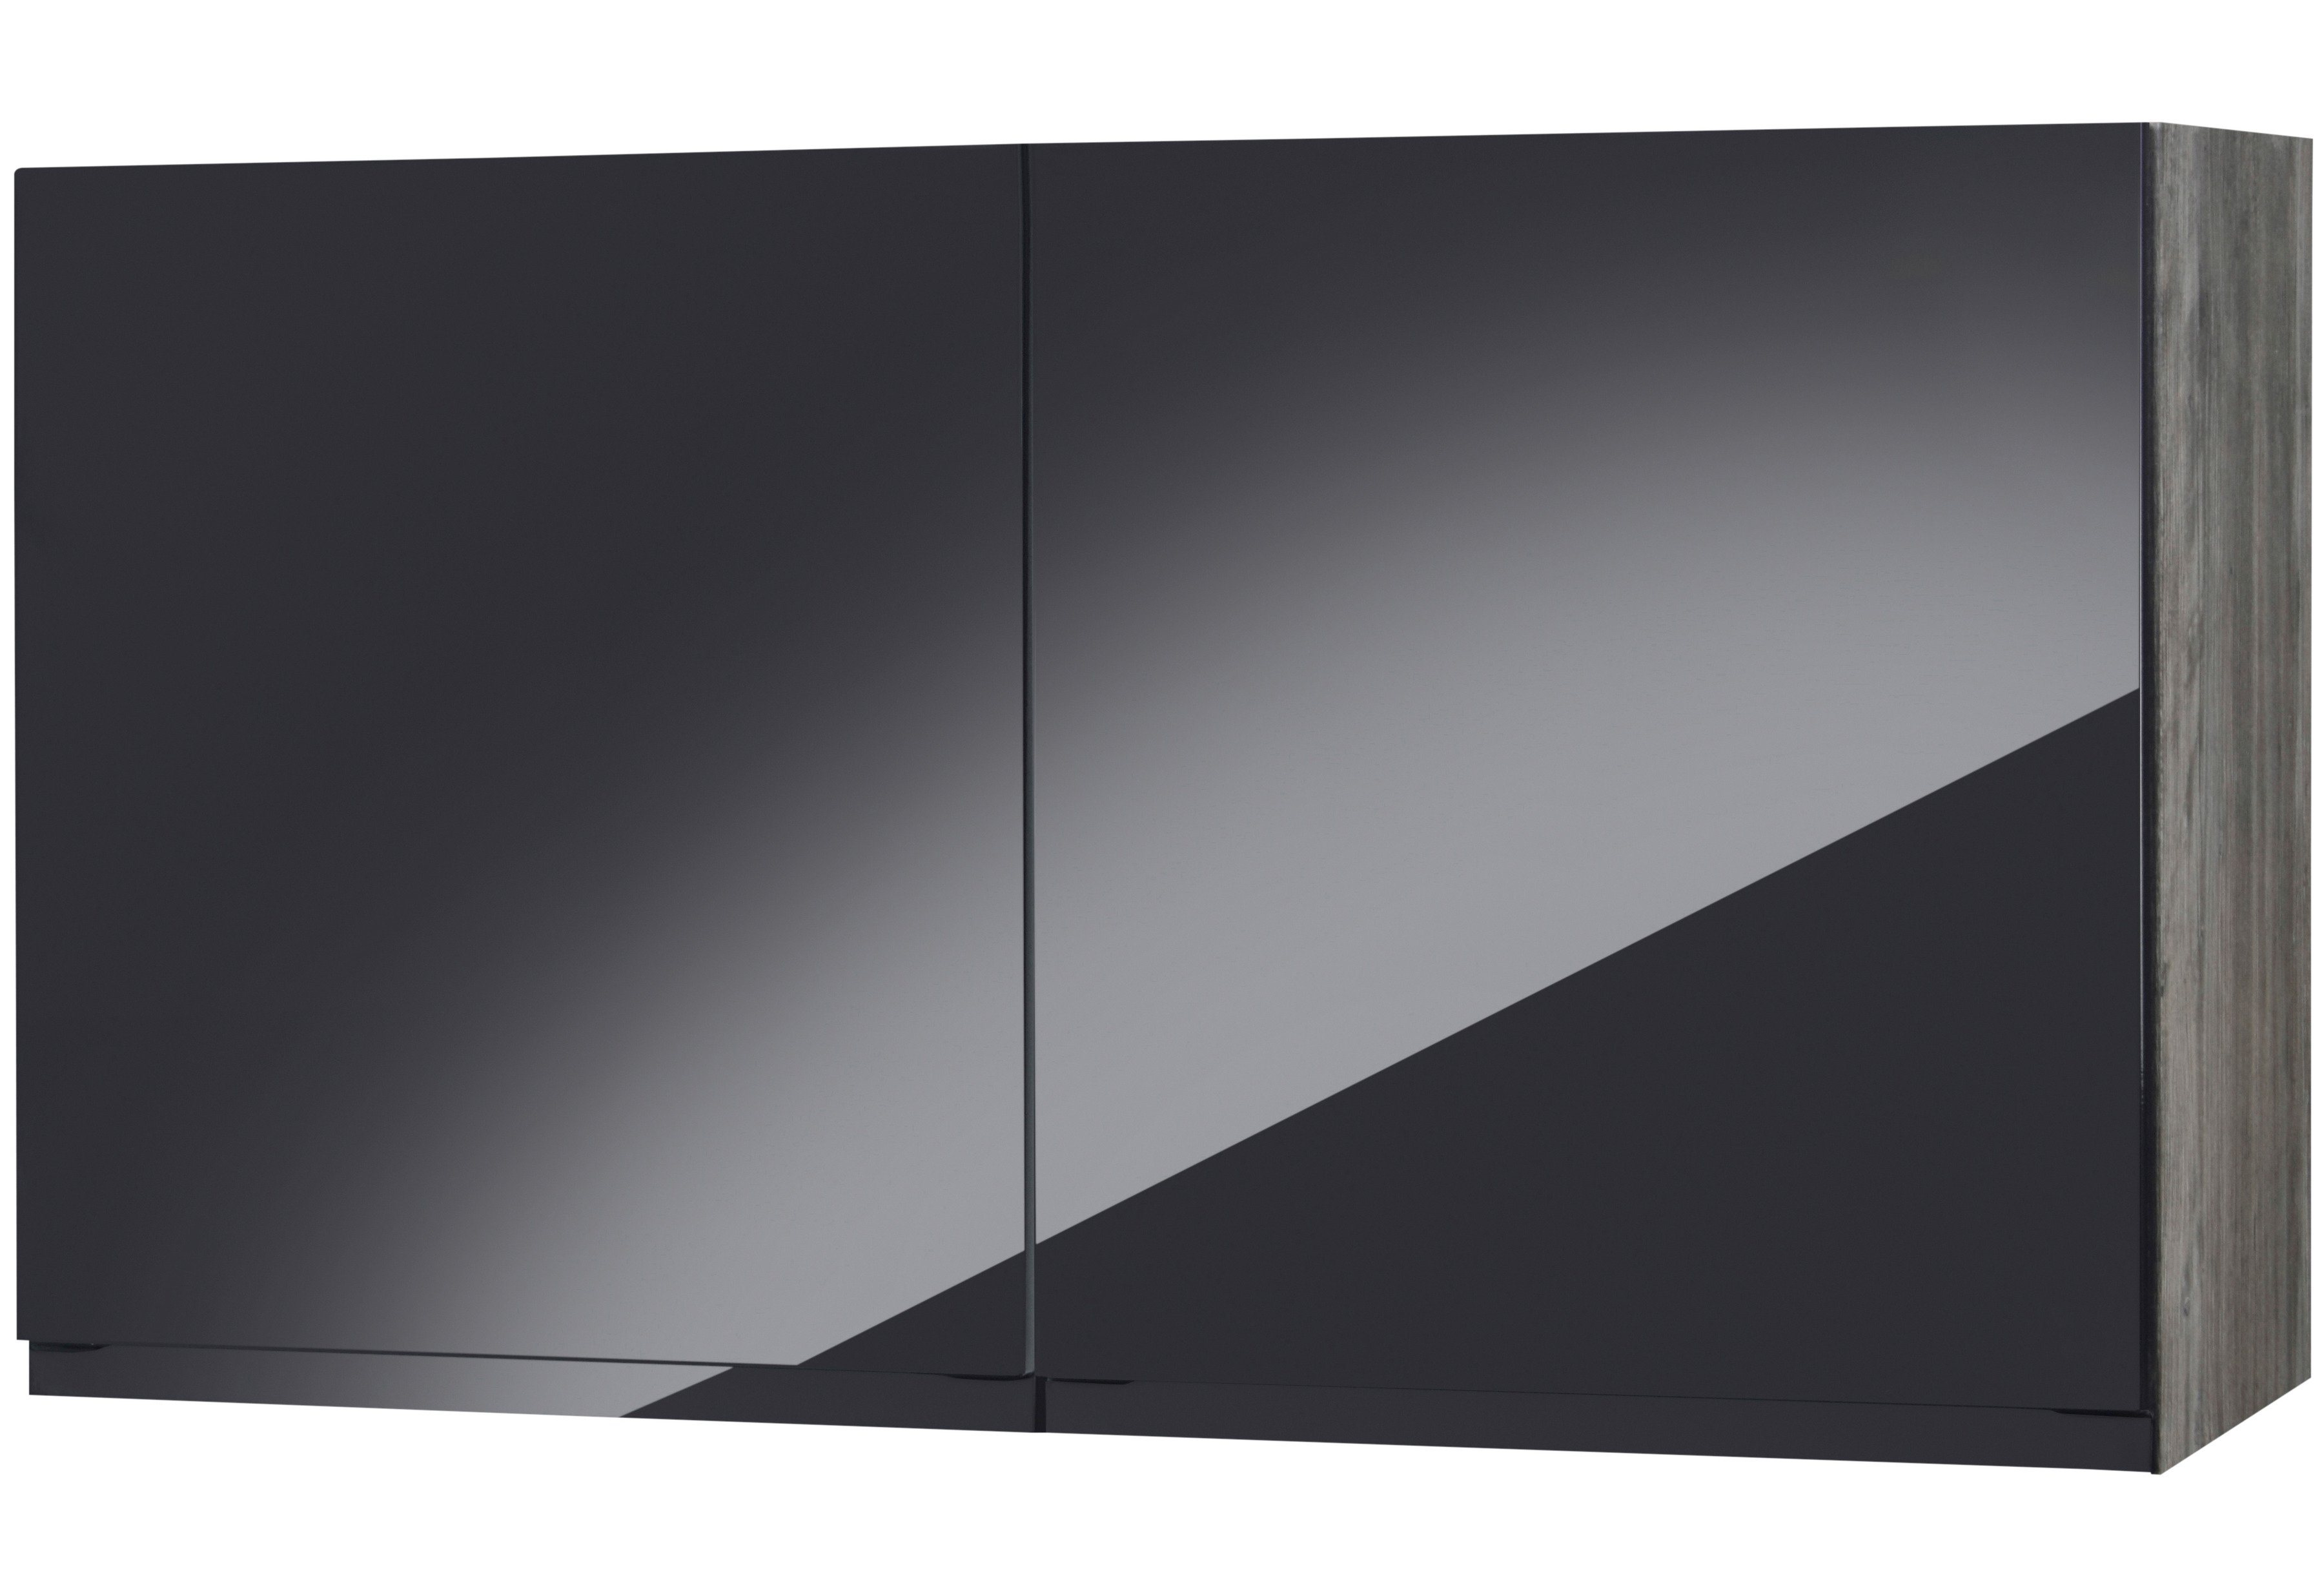 holz Küchen-Hängeschränke online kaufen | Möbel-Suchmaschine ...